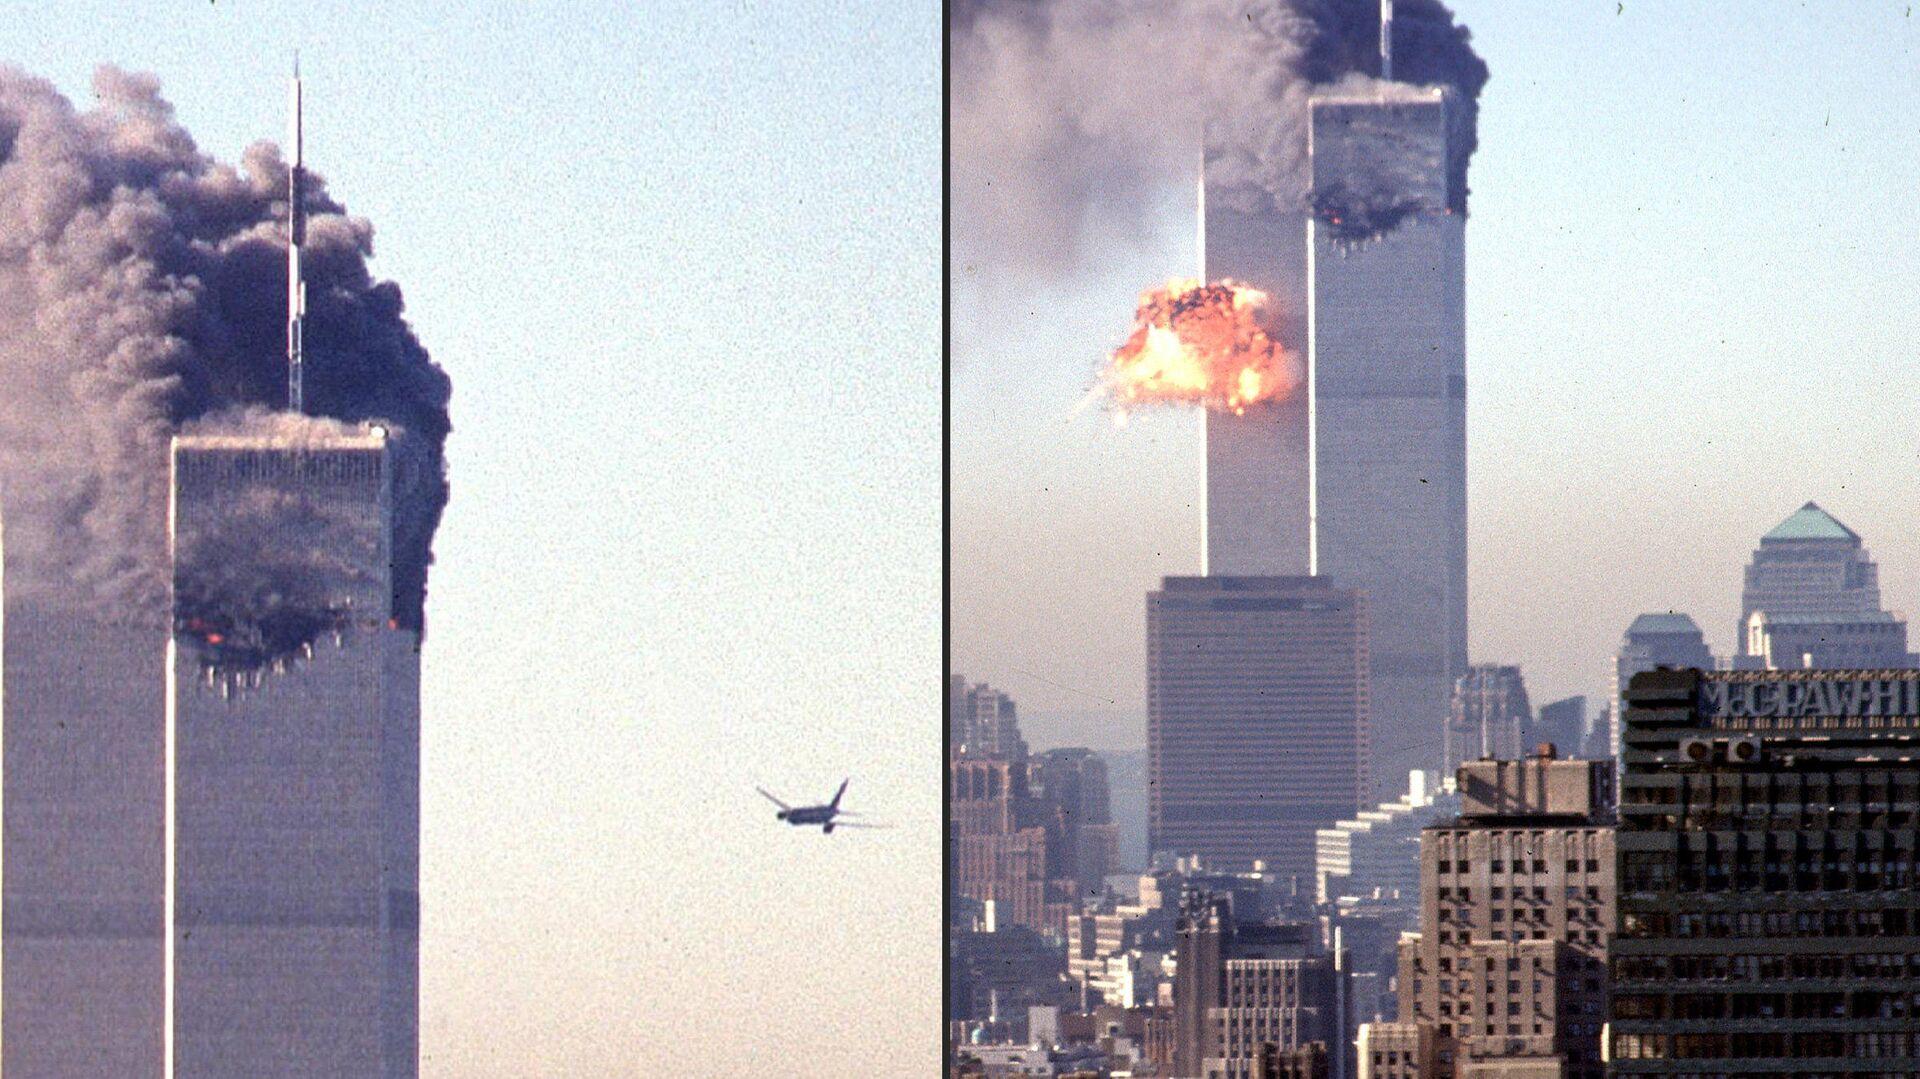 Zamach z 11 września 2001 roku - Sputnik Polska, 1920, 11.09.2021